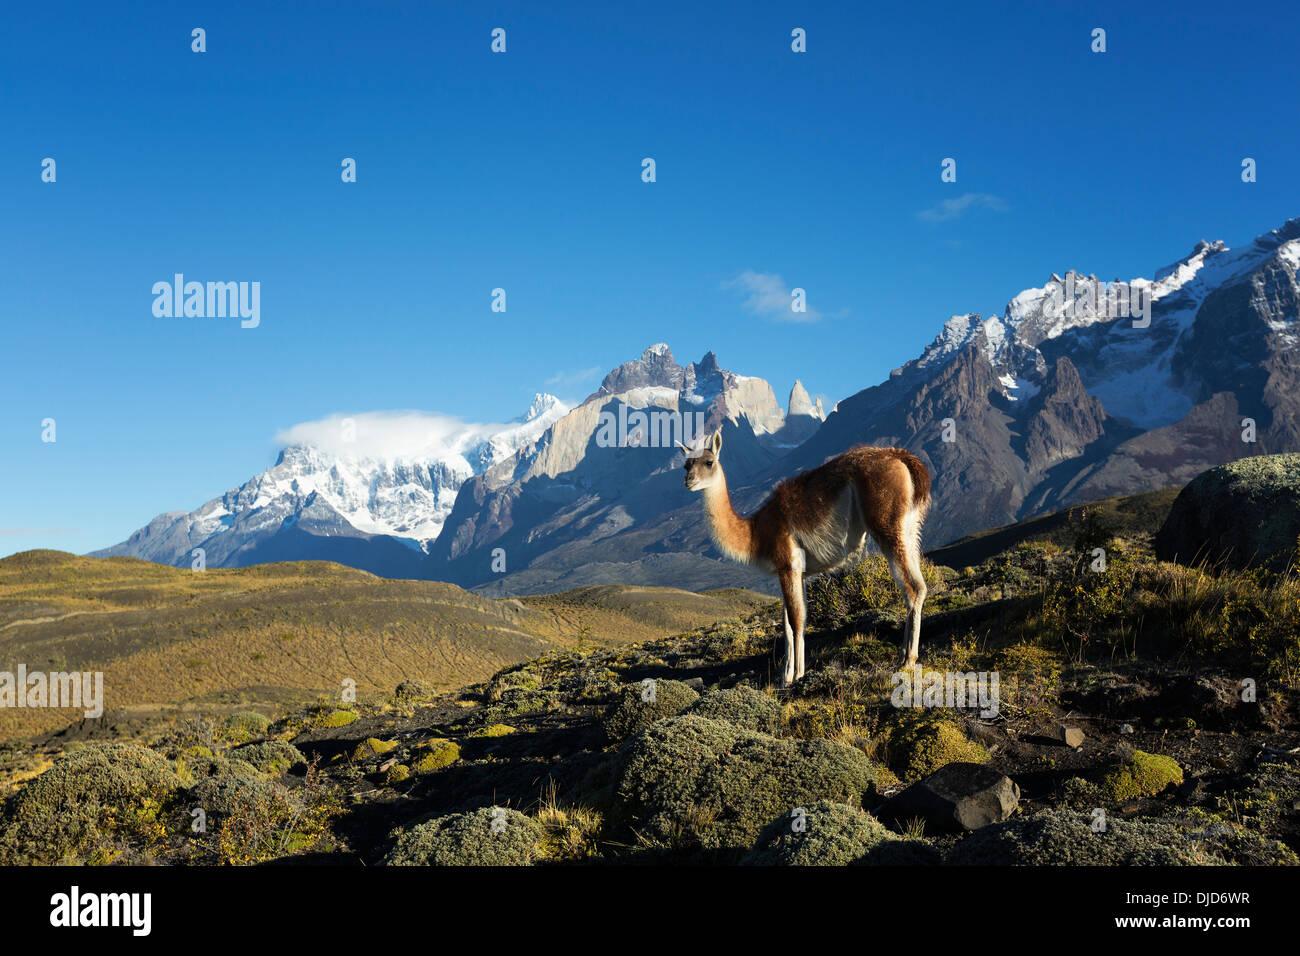 Le guanaco (Lama guanicoe) debout sur la colline avec les montagnes de Torres del Paine en arrière-plan.Patagonie.Chili Banque D'Images